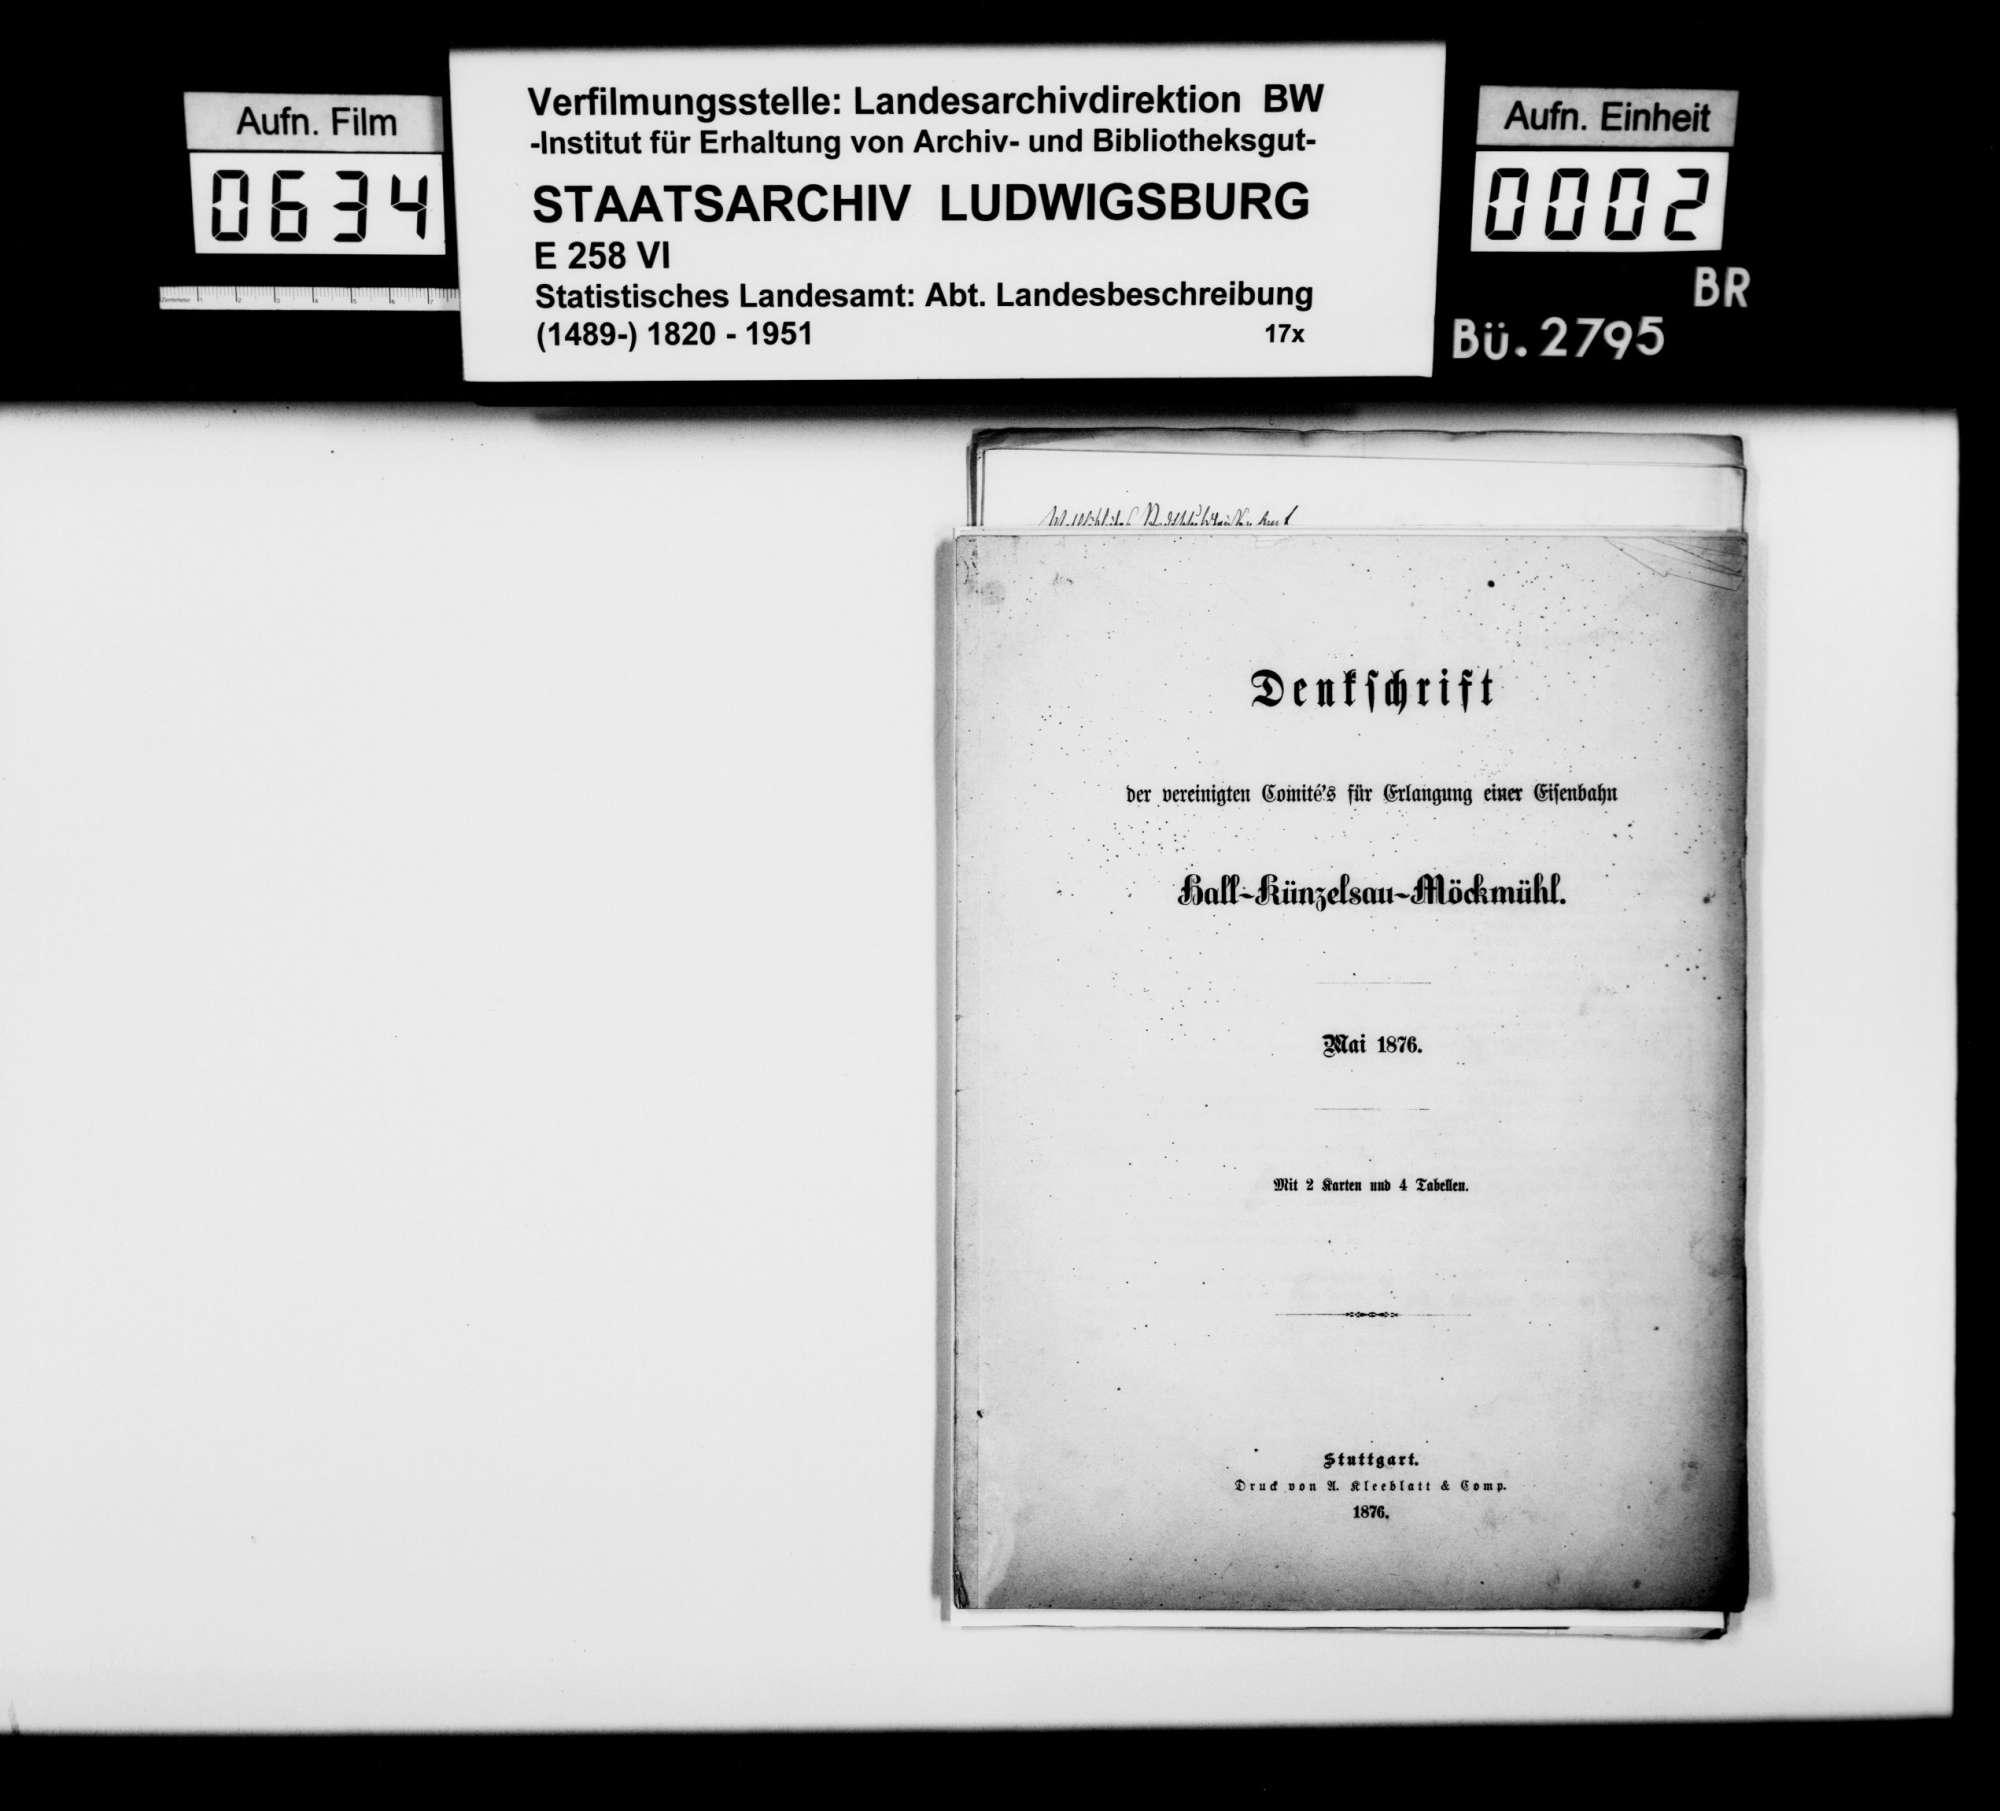 Nachrichtenakquisition des Finanzrats Roth aus Neuenstadt für die Bearbeitung der Geschichte von Möckmühl, Bild 1